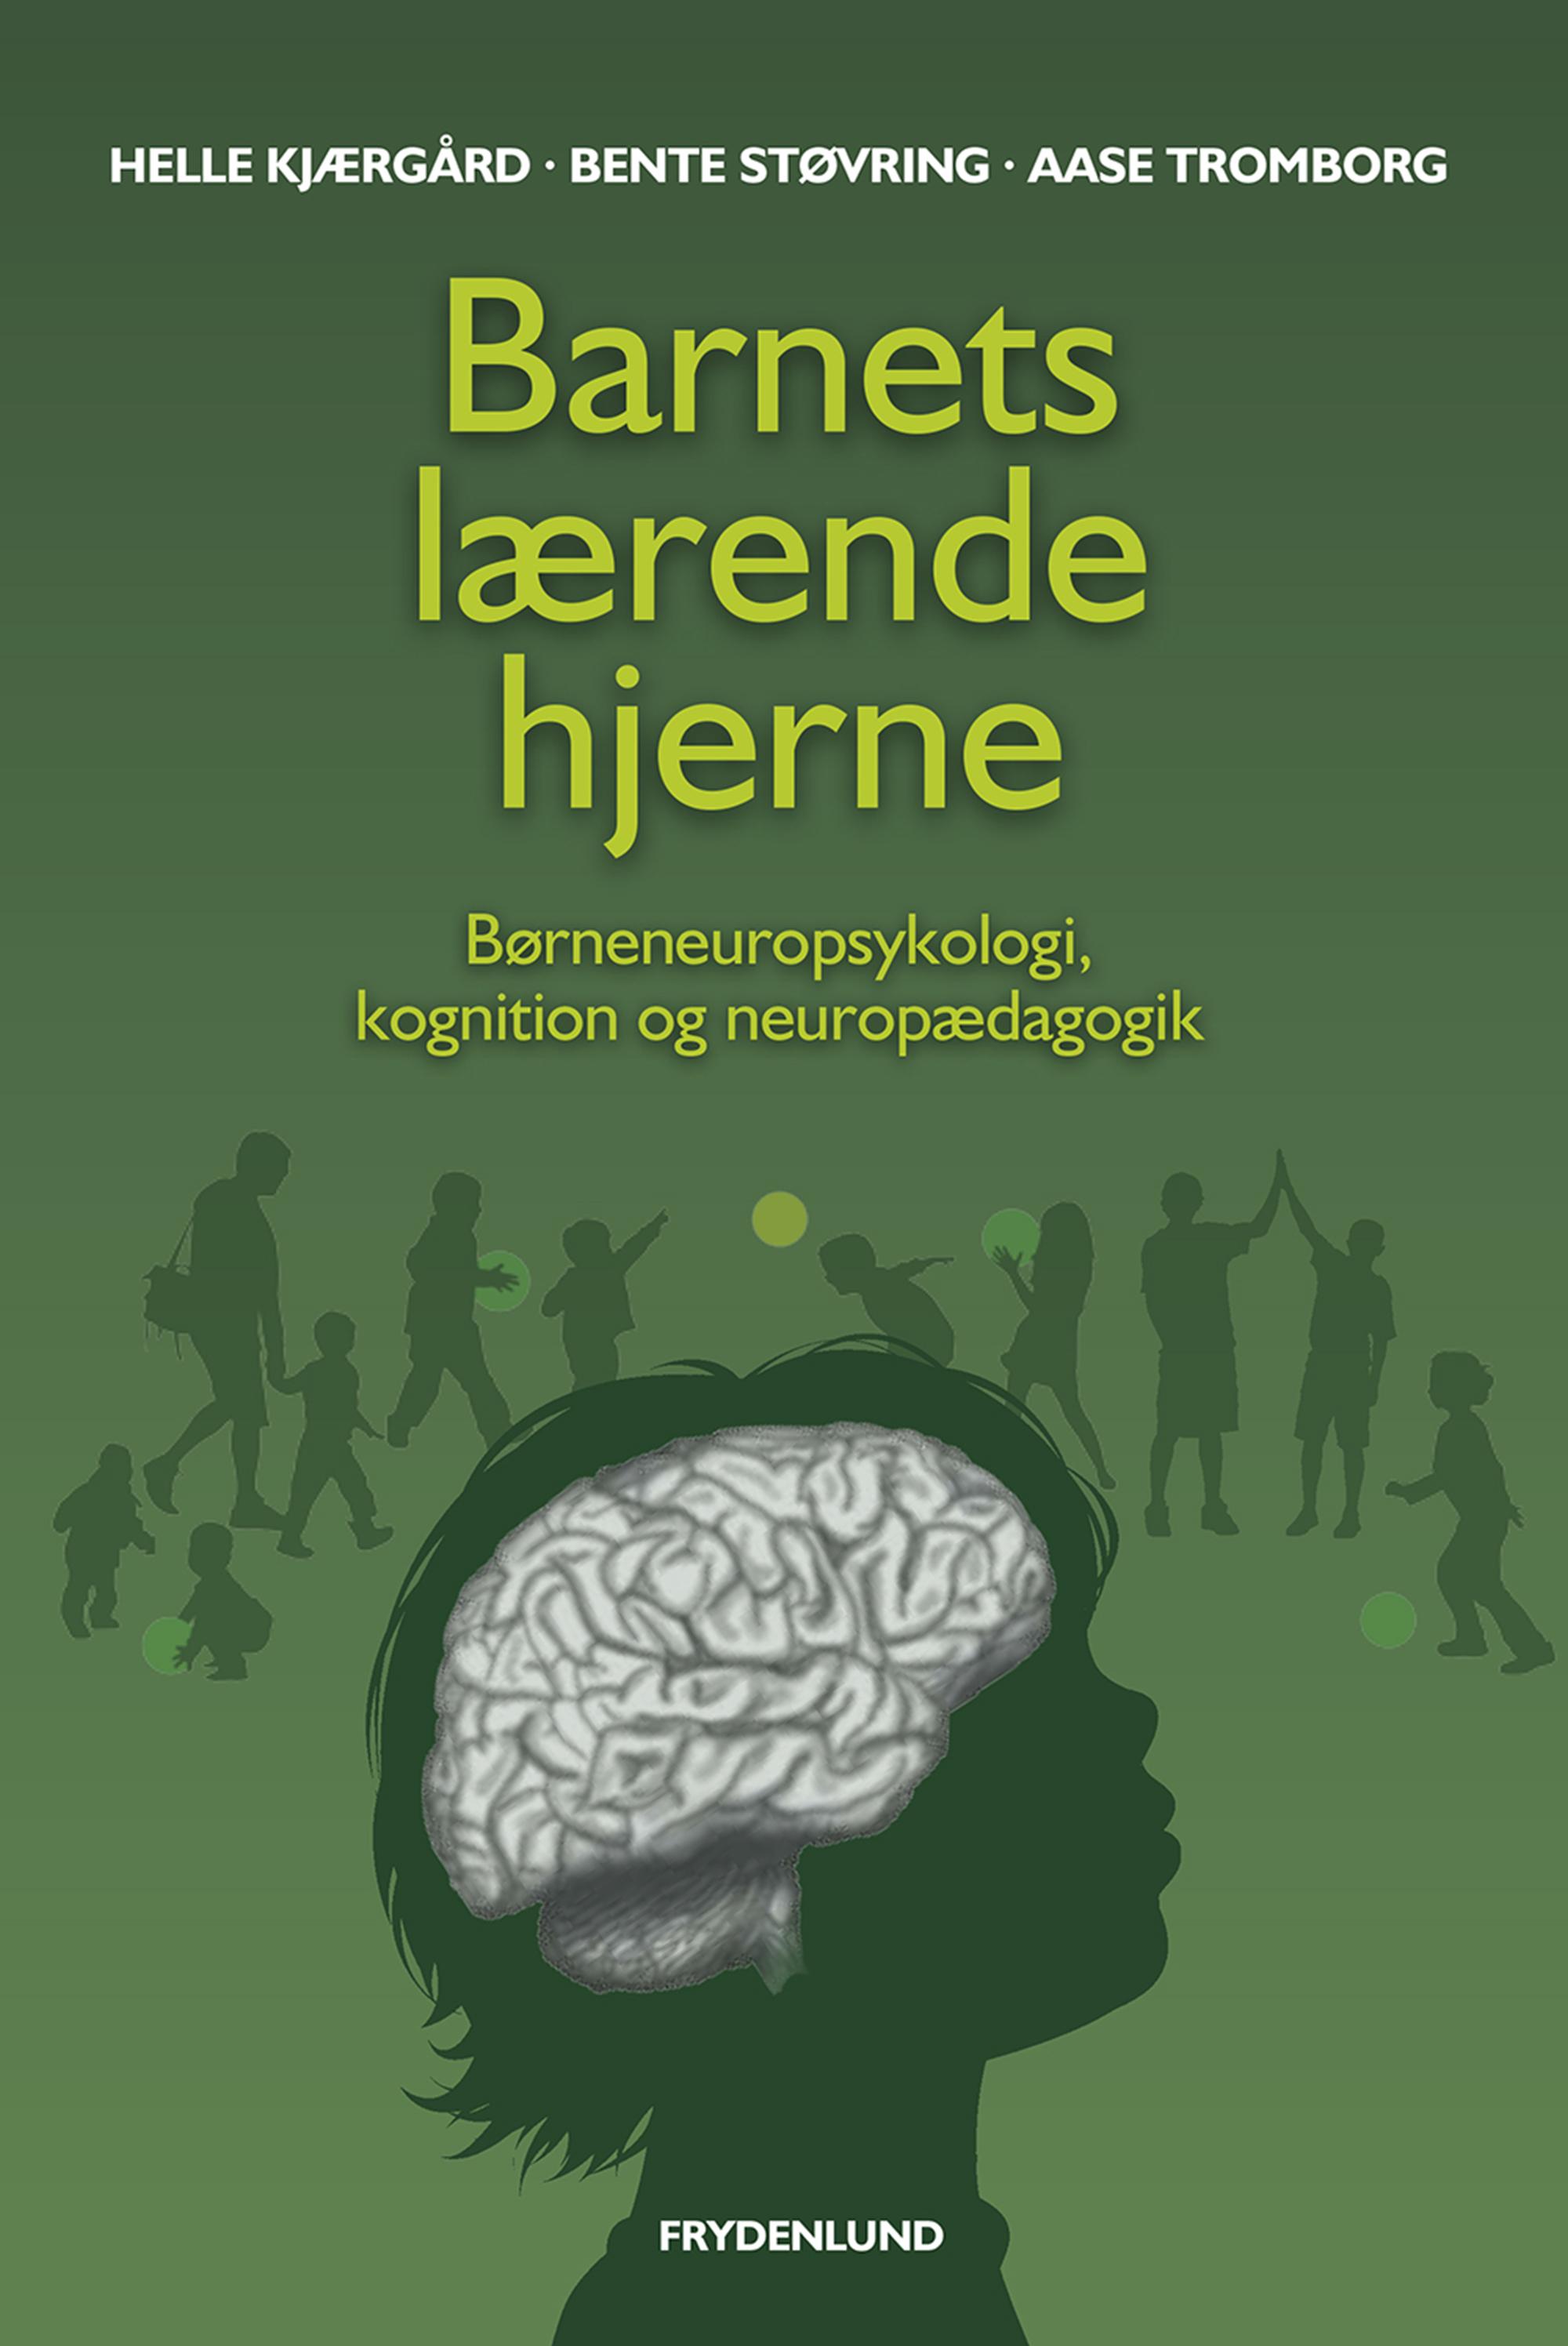 den lærende hjerne